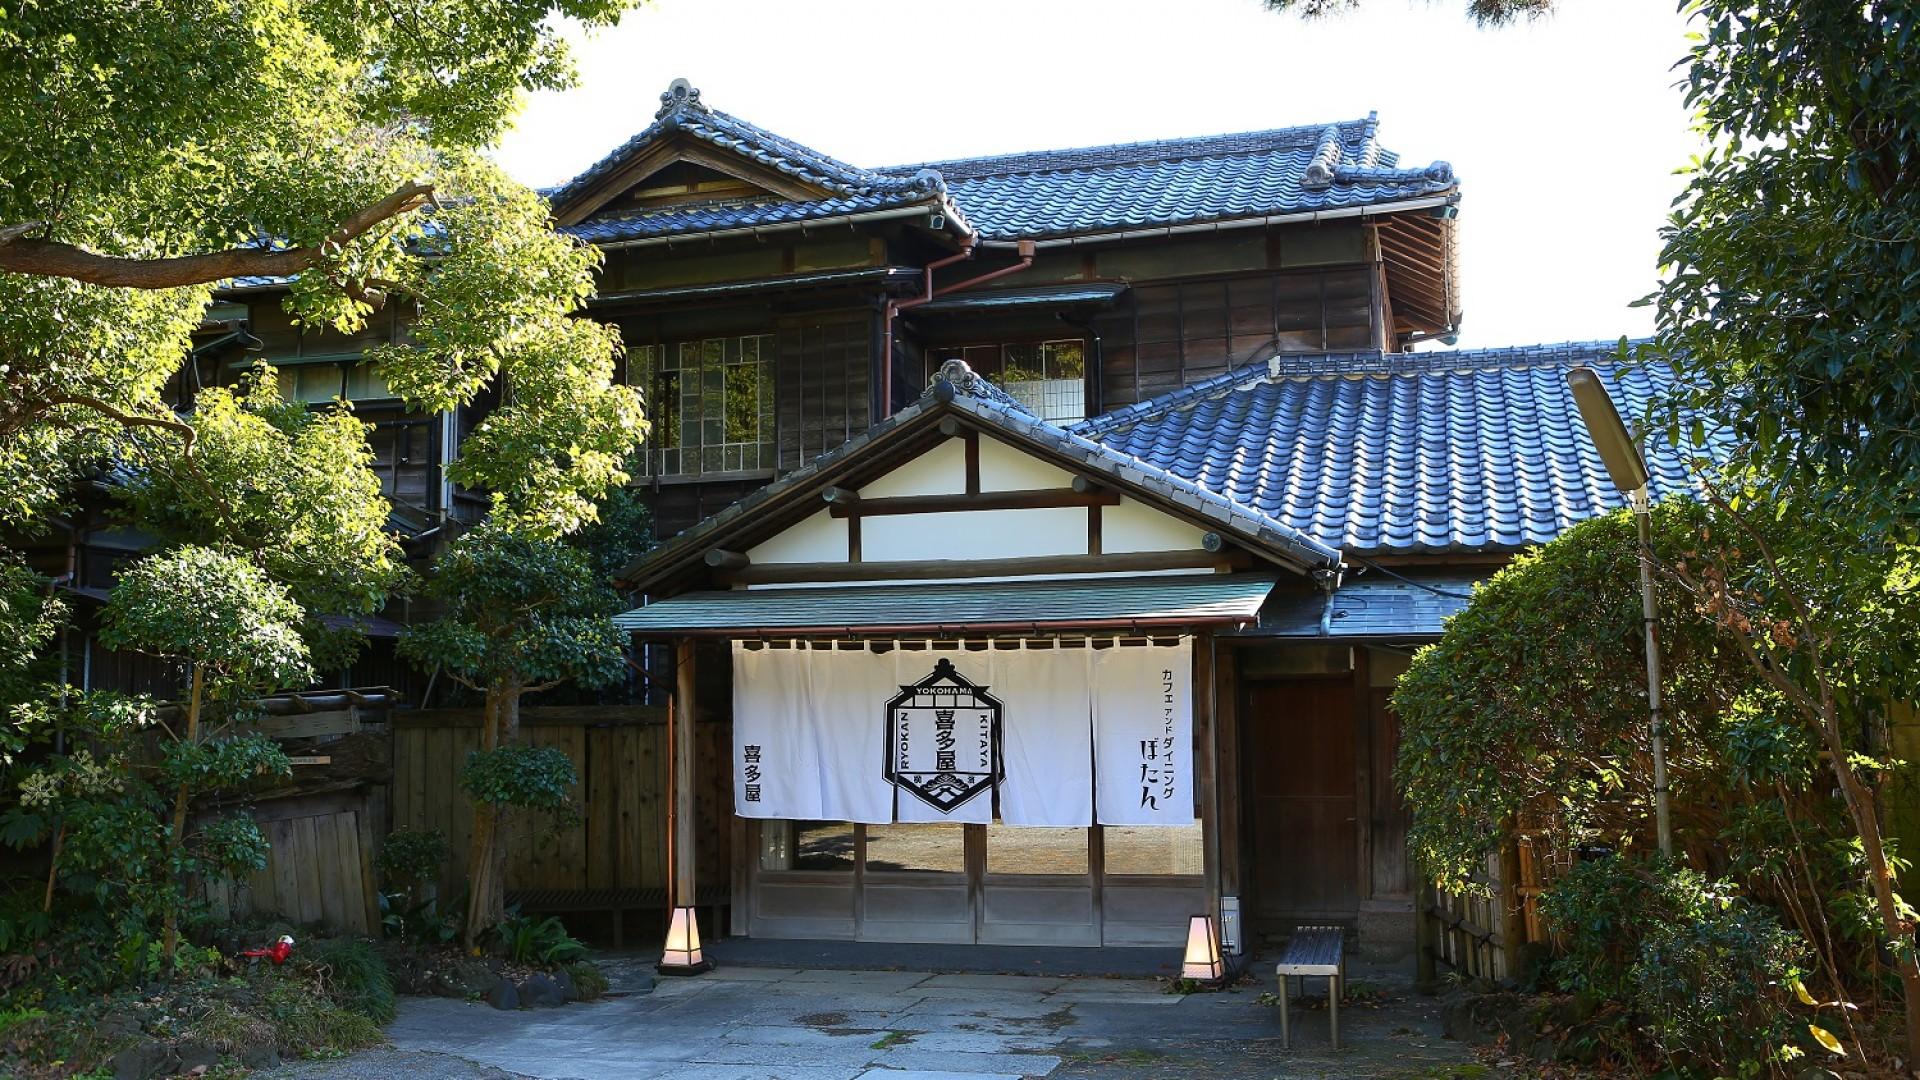 키타야 료칸 - 문화 유산 여관